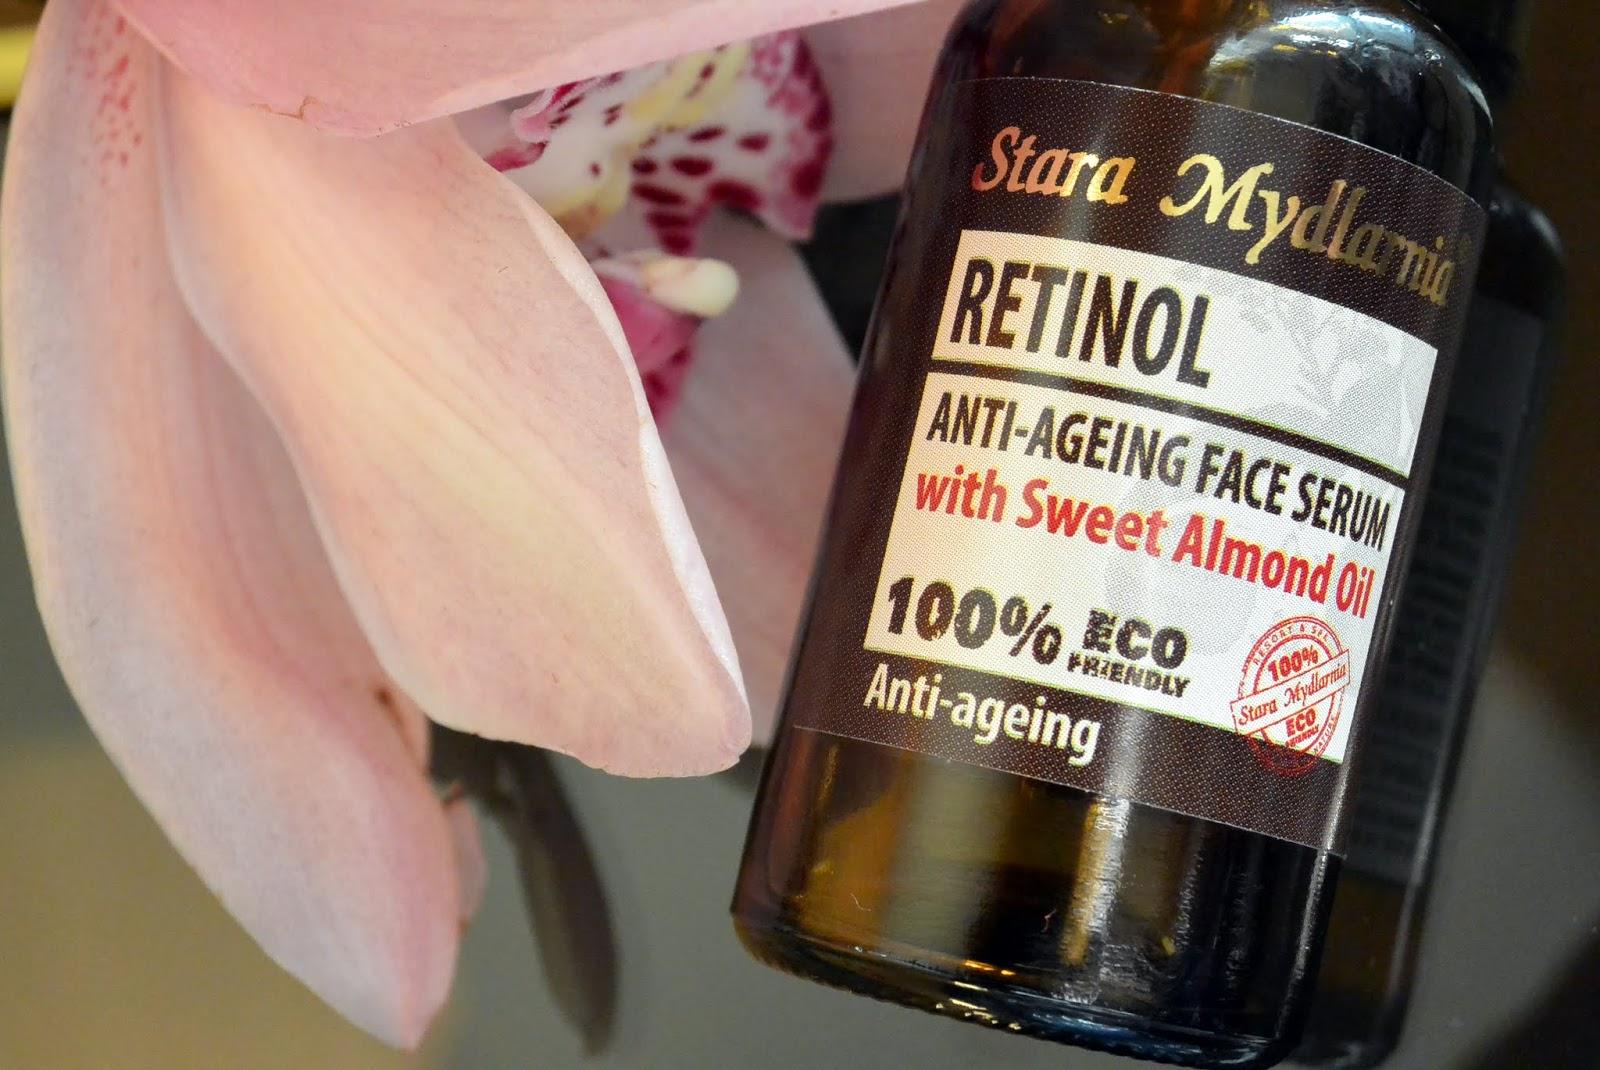 Eliksir do twarzy Retinol / Stara Mydlarnia